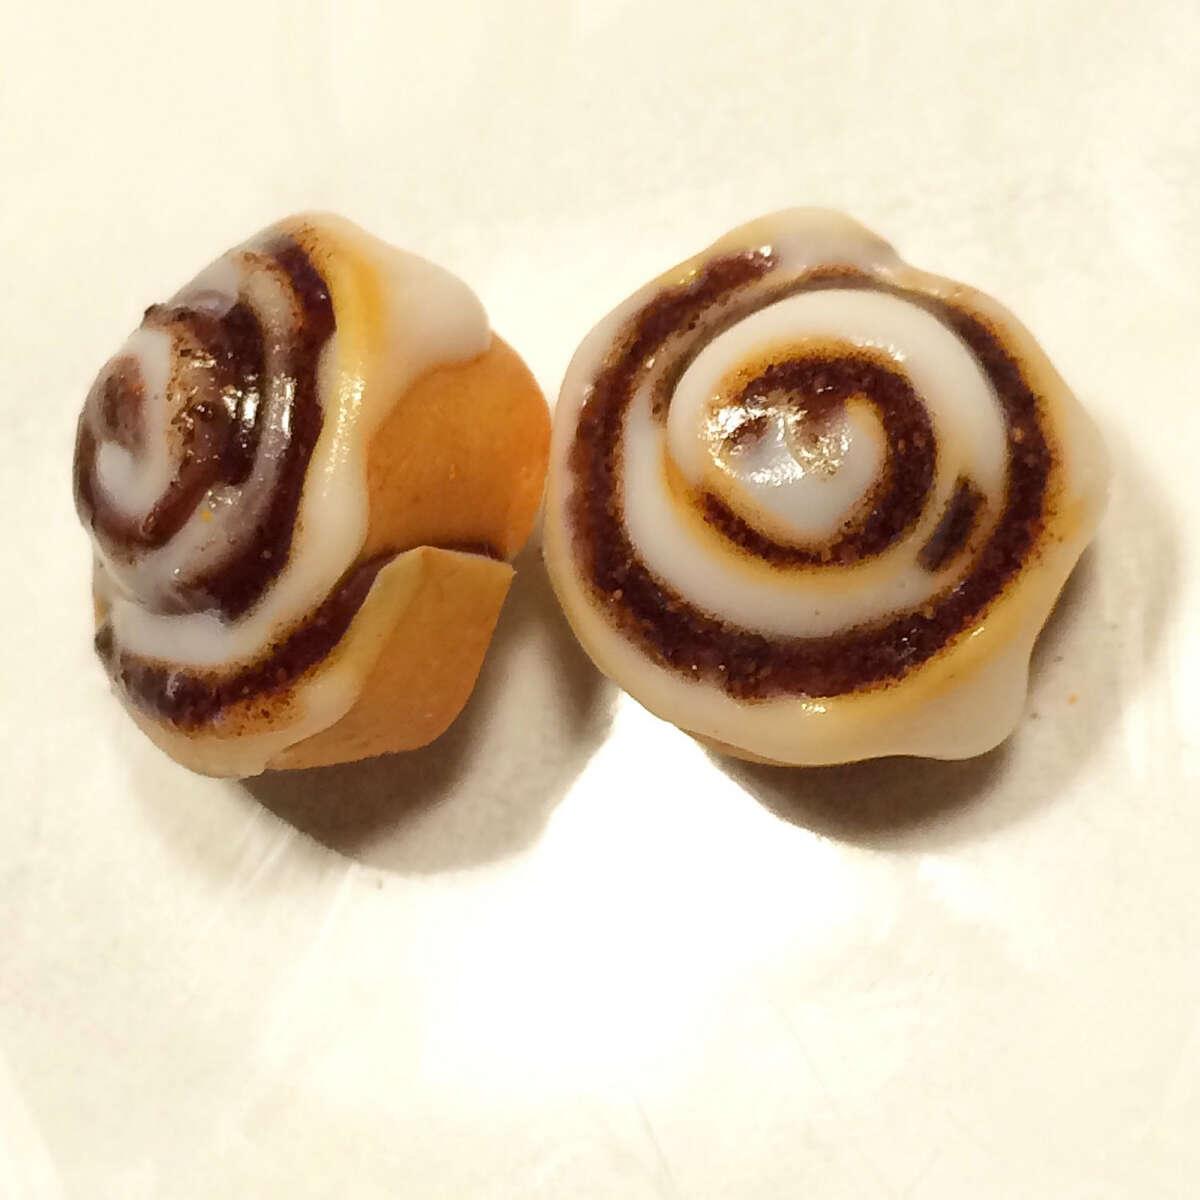 Cinnamon roll earrings.